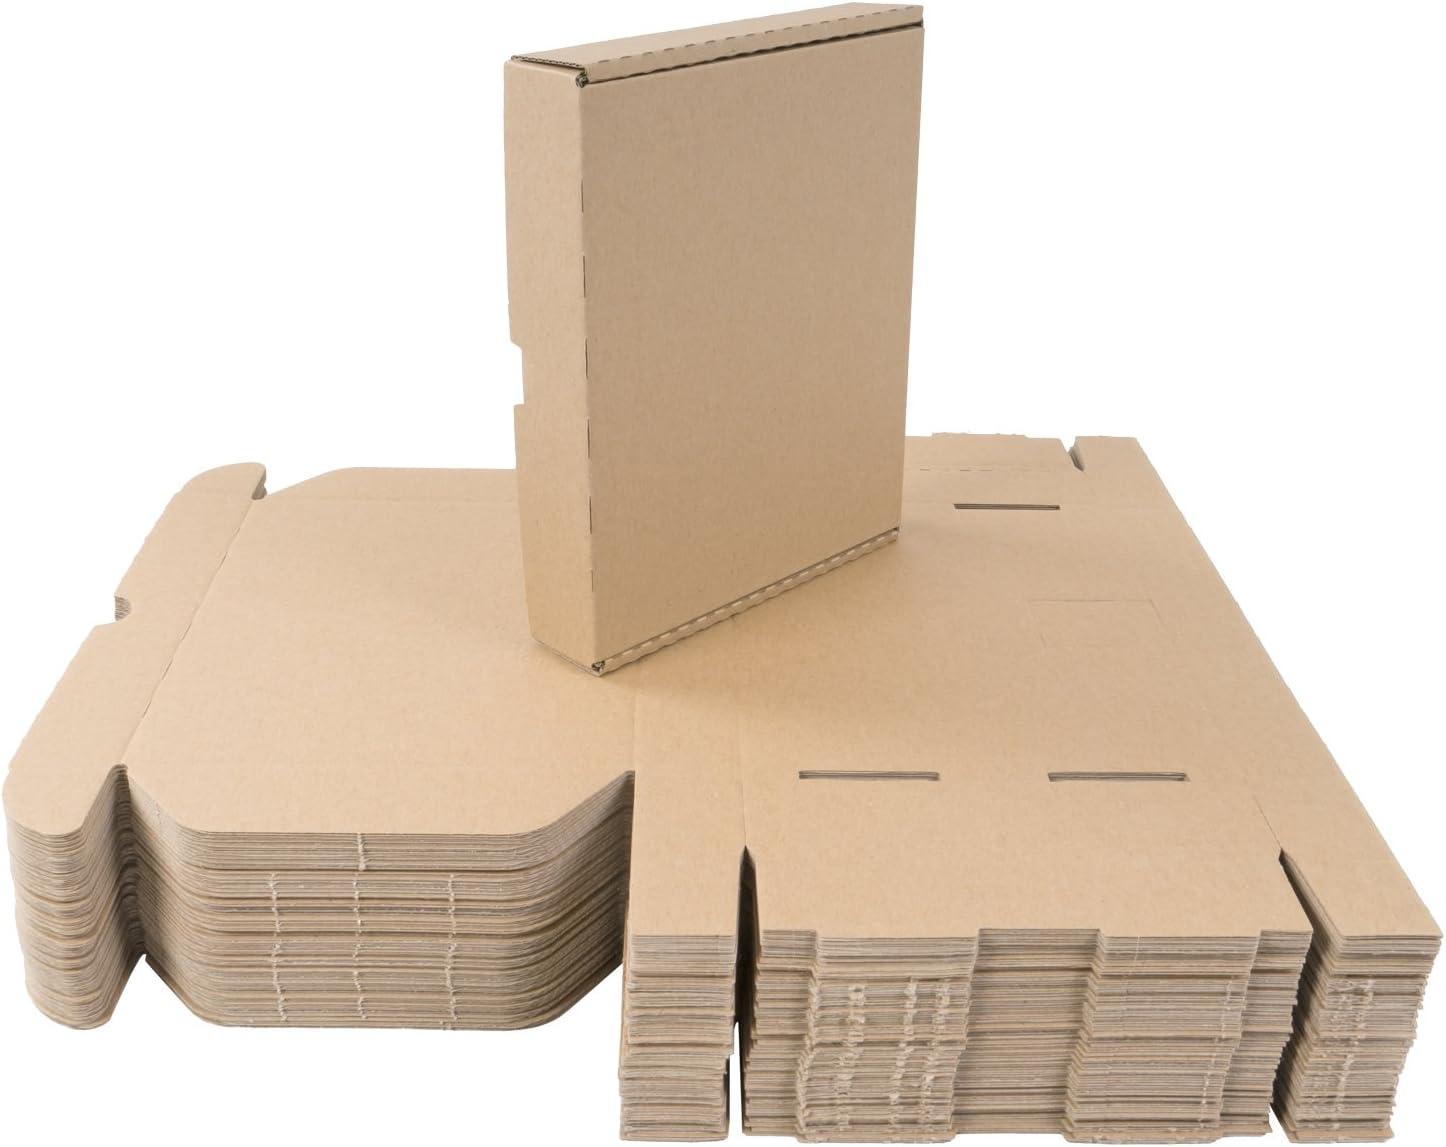 50 Caja 22 x 18 x 4 cm Cajas de Cartón Plegables de Cartón Grande – Envío Cartón): Amazon.es: Hogar